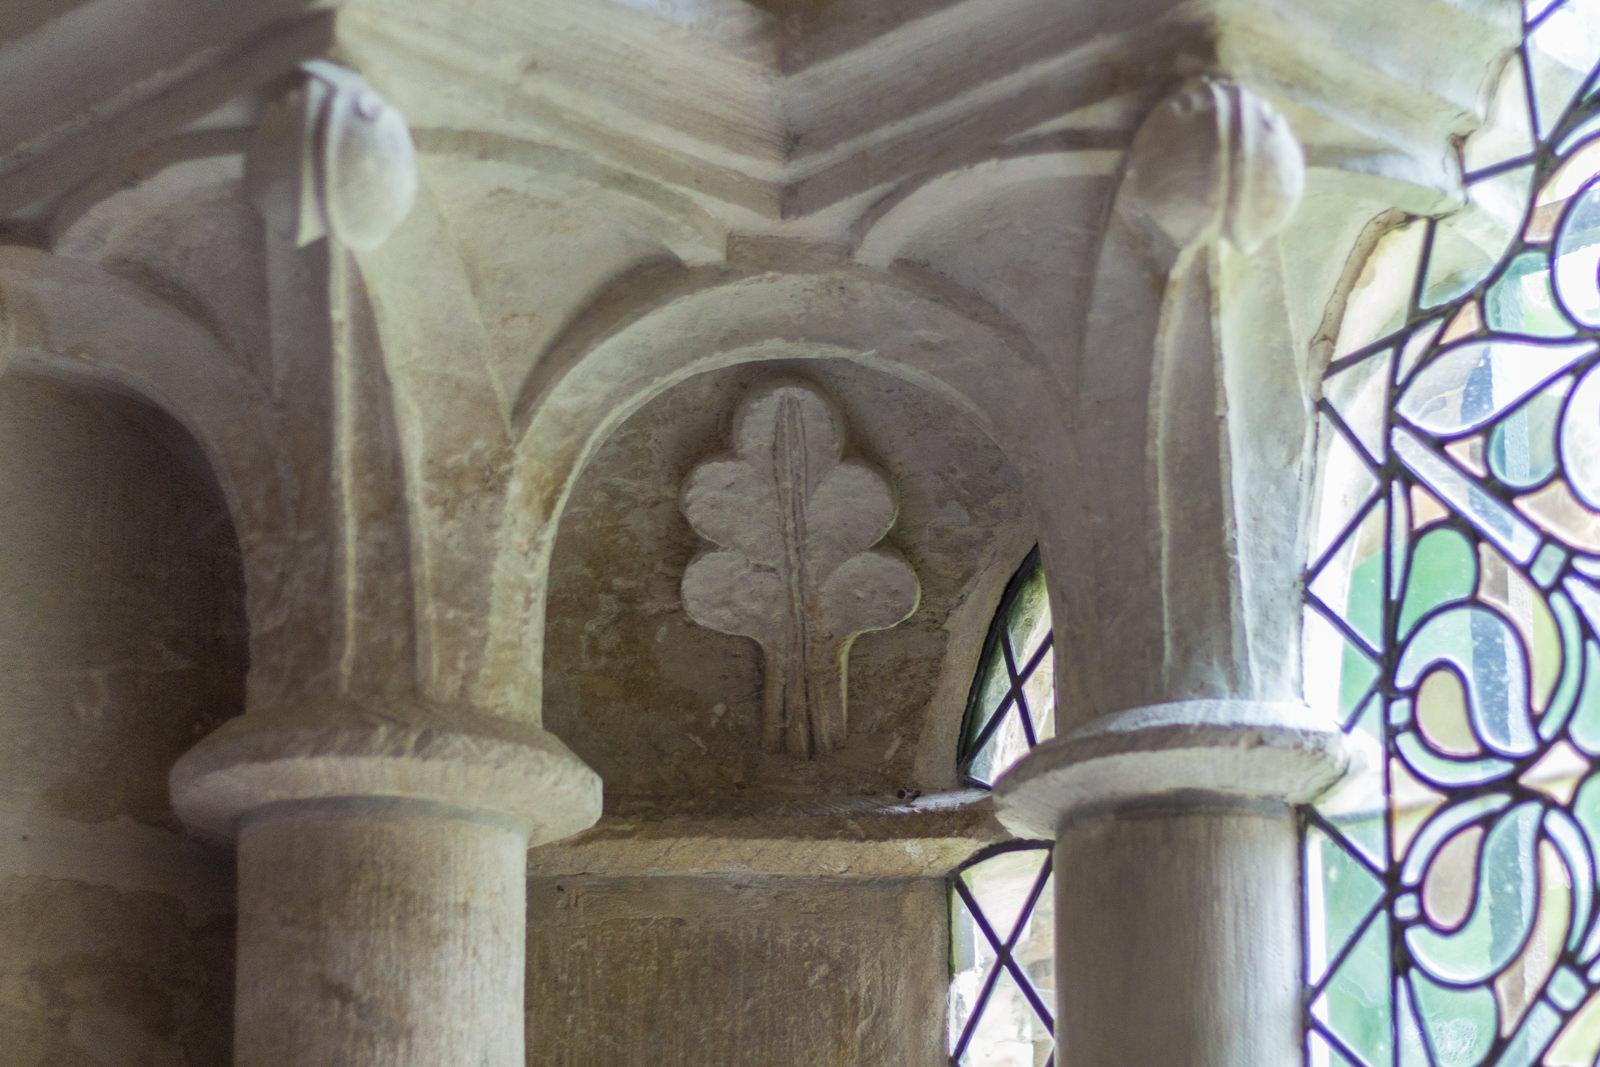 Pont-de-l'Arche, Abbaye de Bonport, Richard Löwenherz, Normandie, Eure